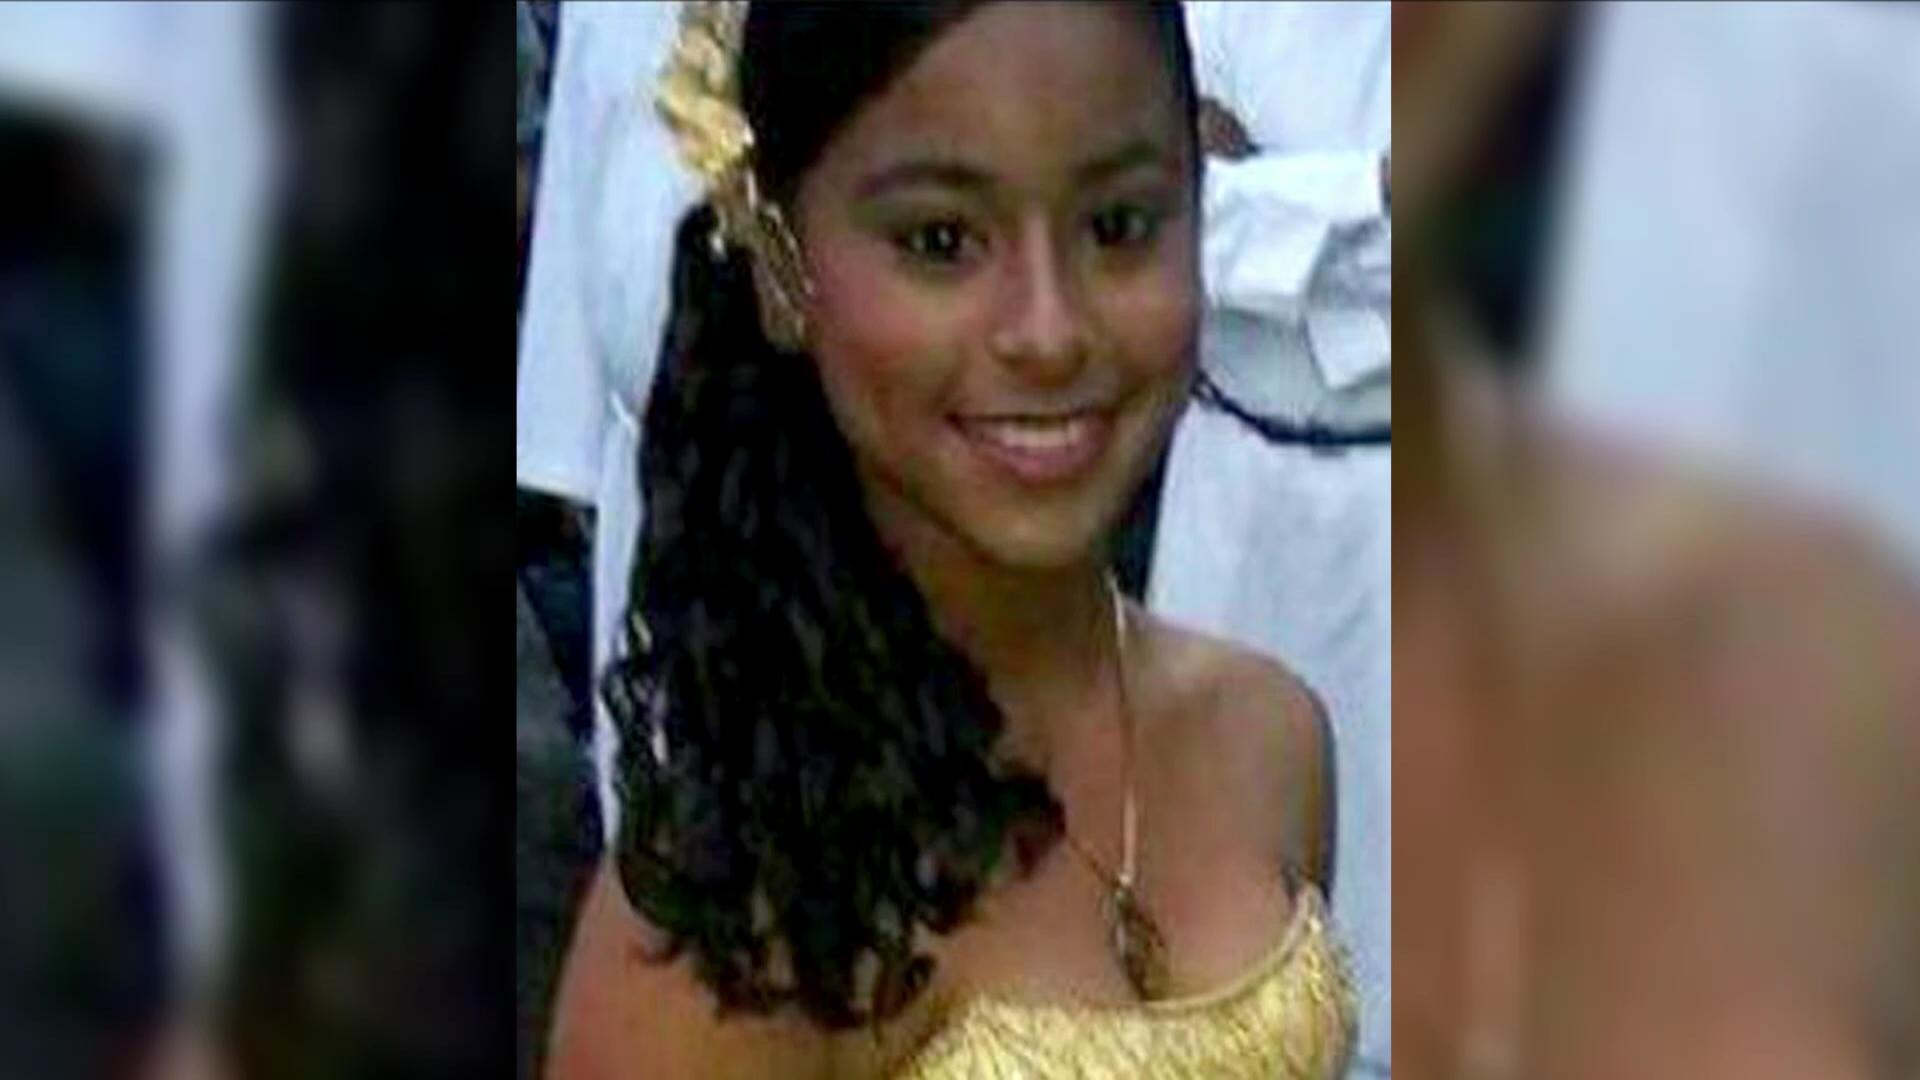 Ponen bajo arresto a una tercera persona implicada en homicidio adolescente Emely Peguero